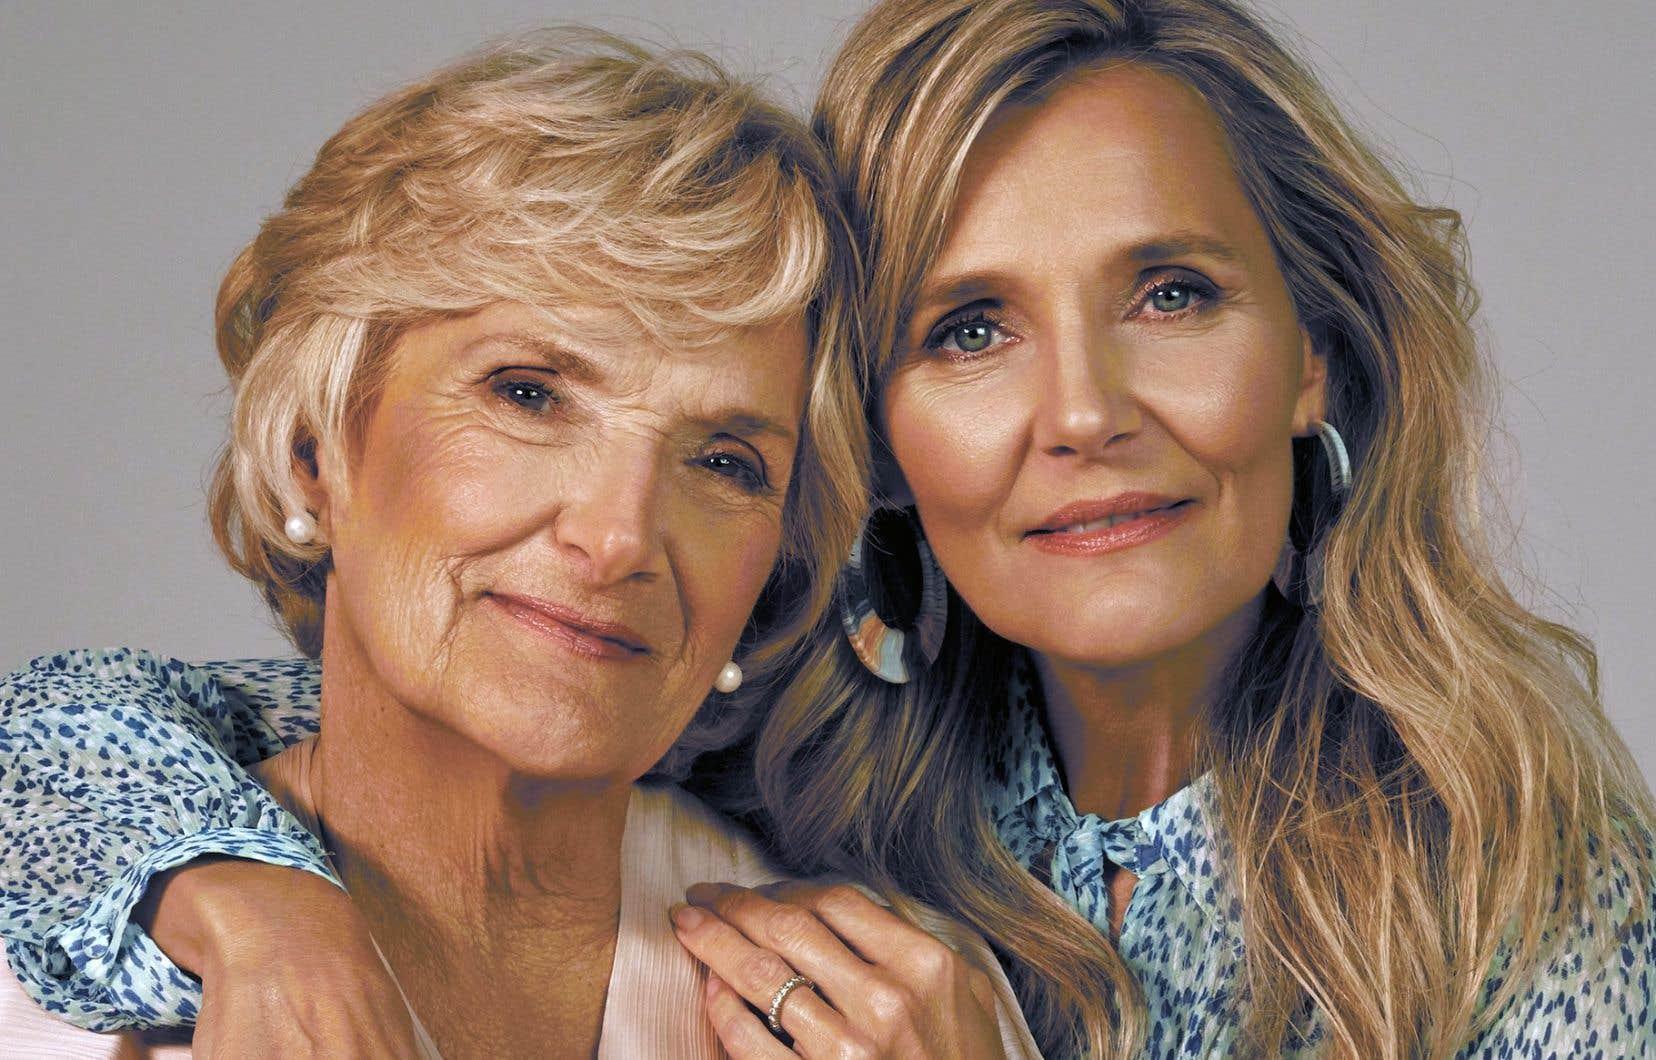 Claudette et Marie-Josée Taillefer ont laissé leur marque sur la population québécoise, et plus particulièrement sur les femmes.